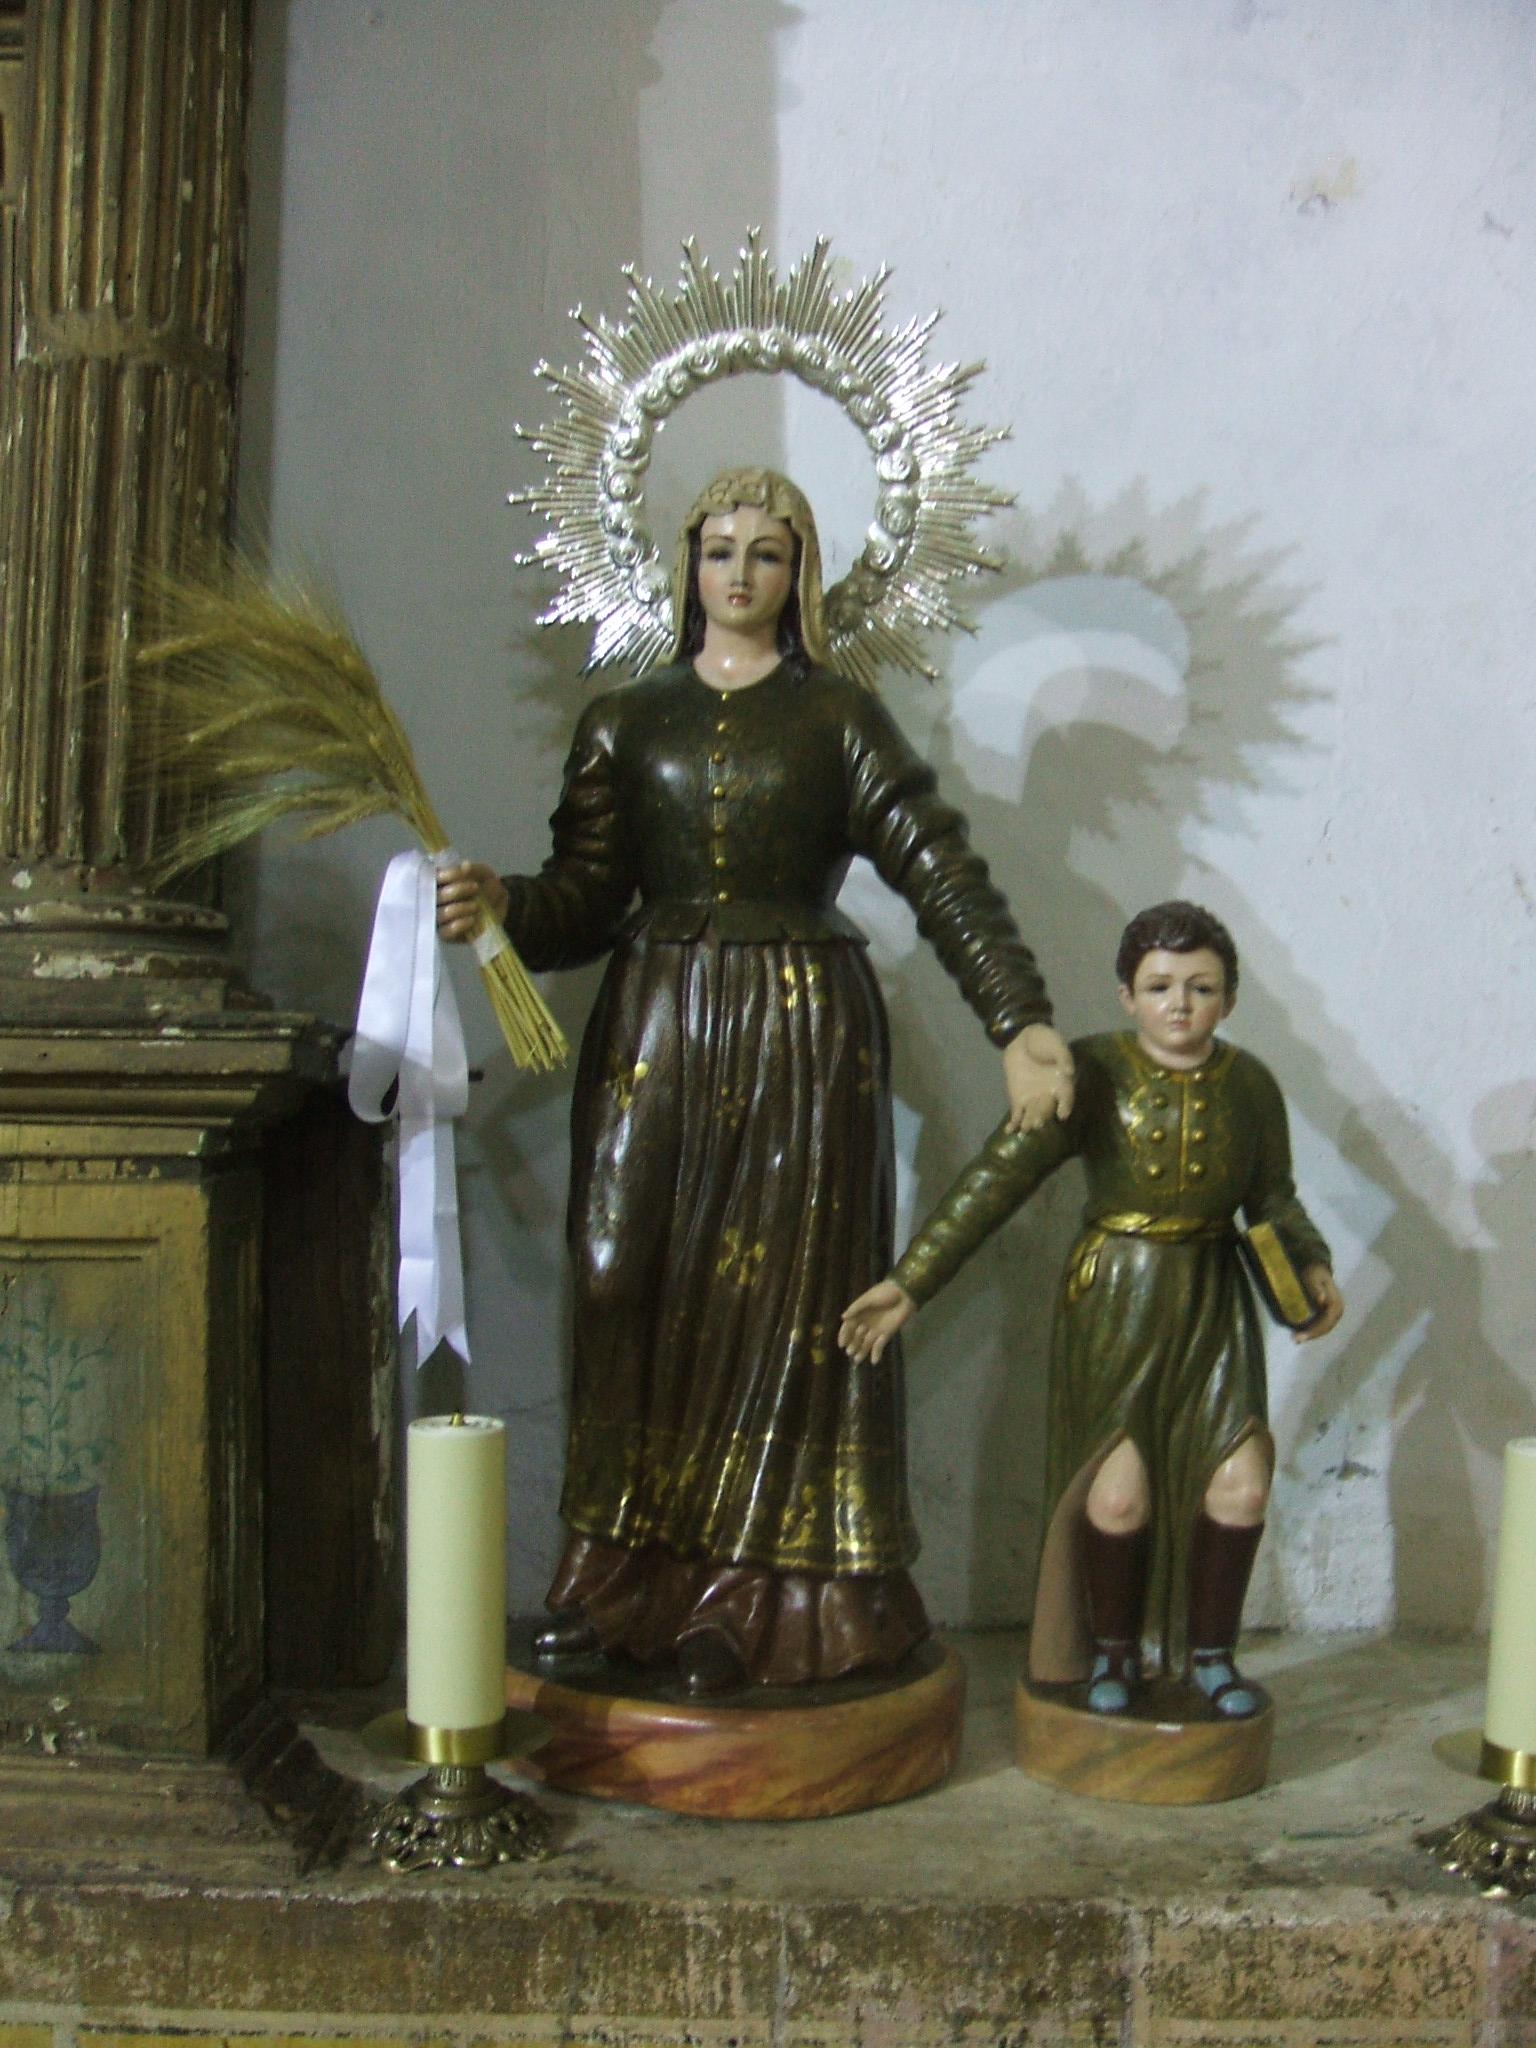 Madre e hijo - 3 8